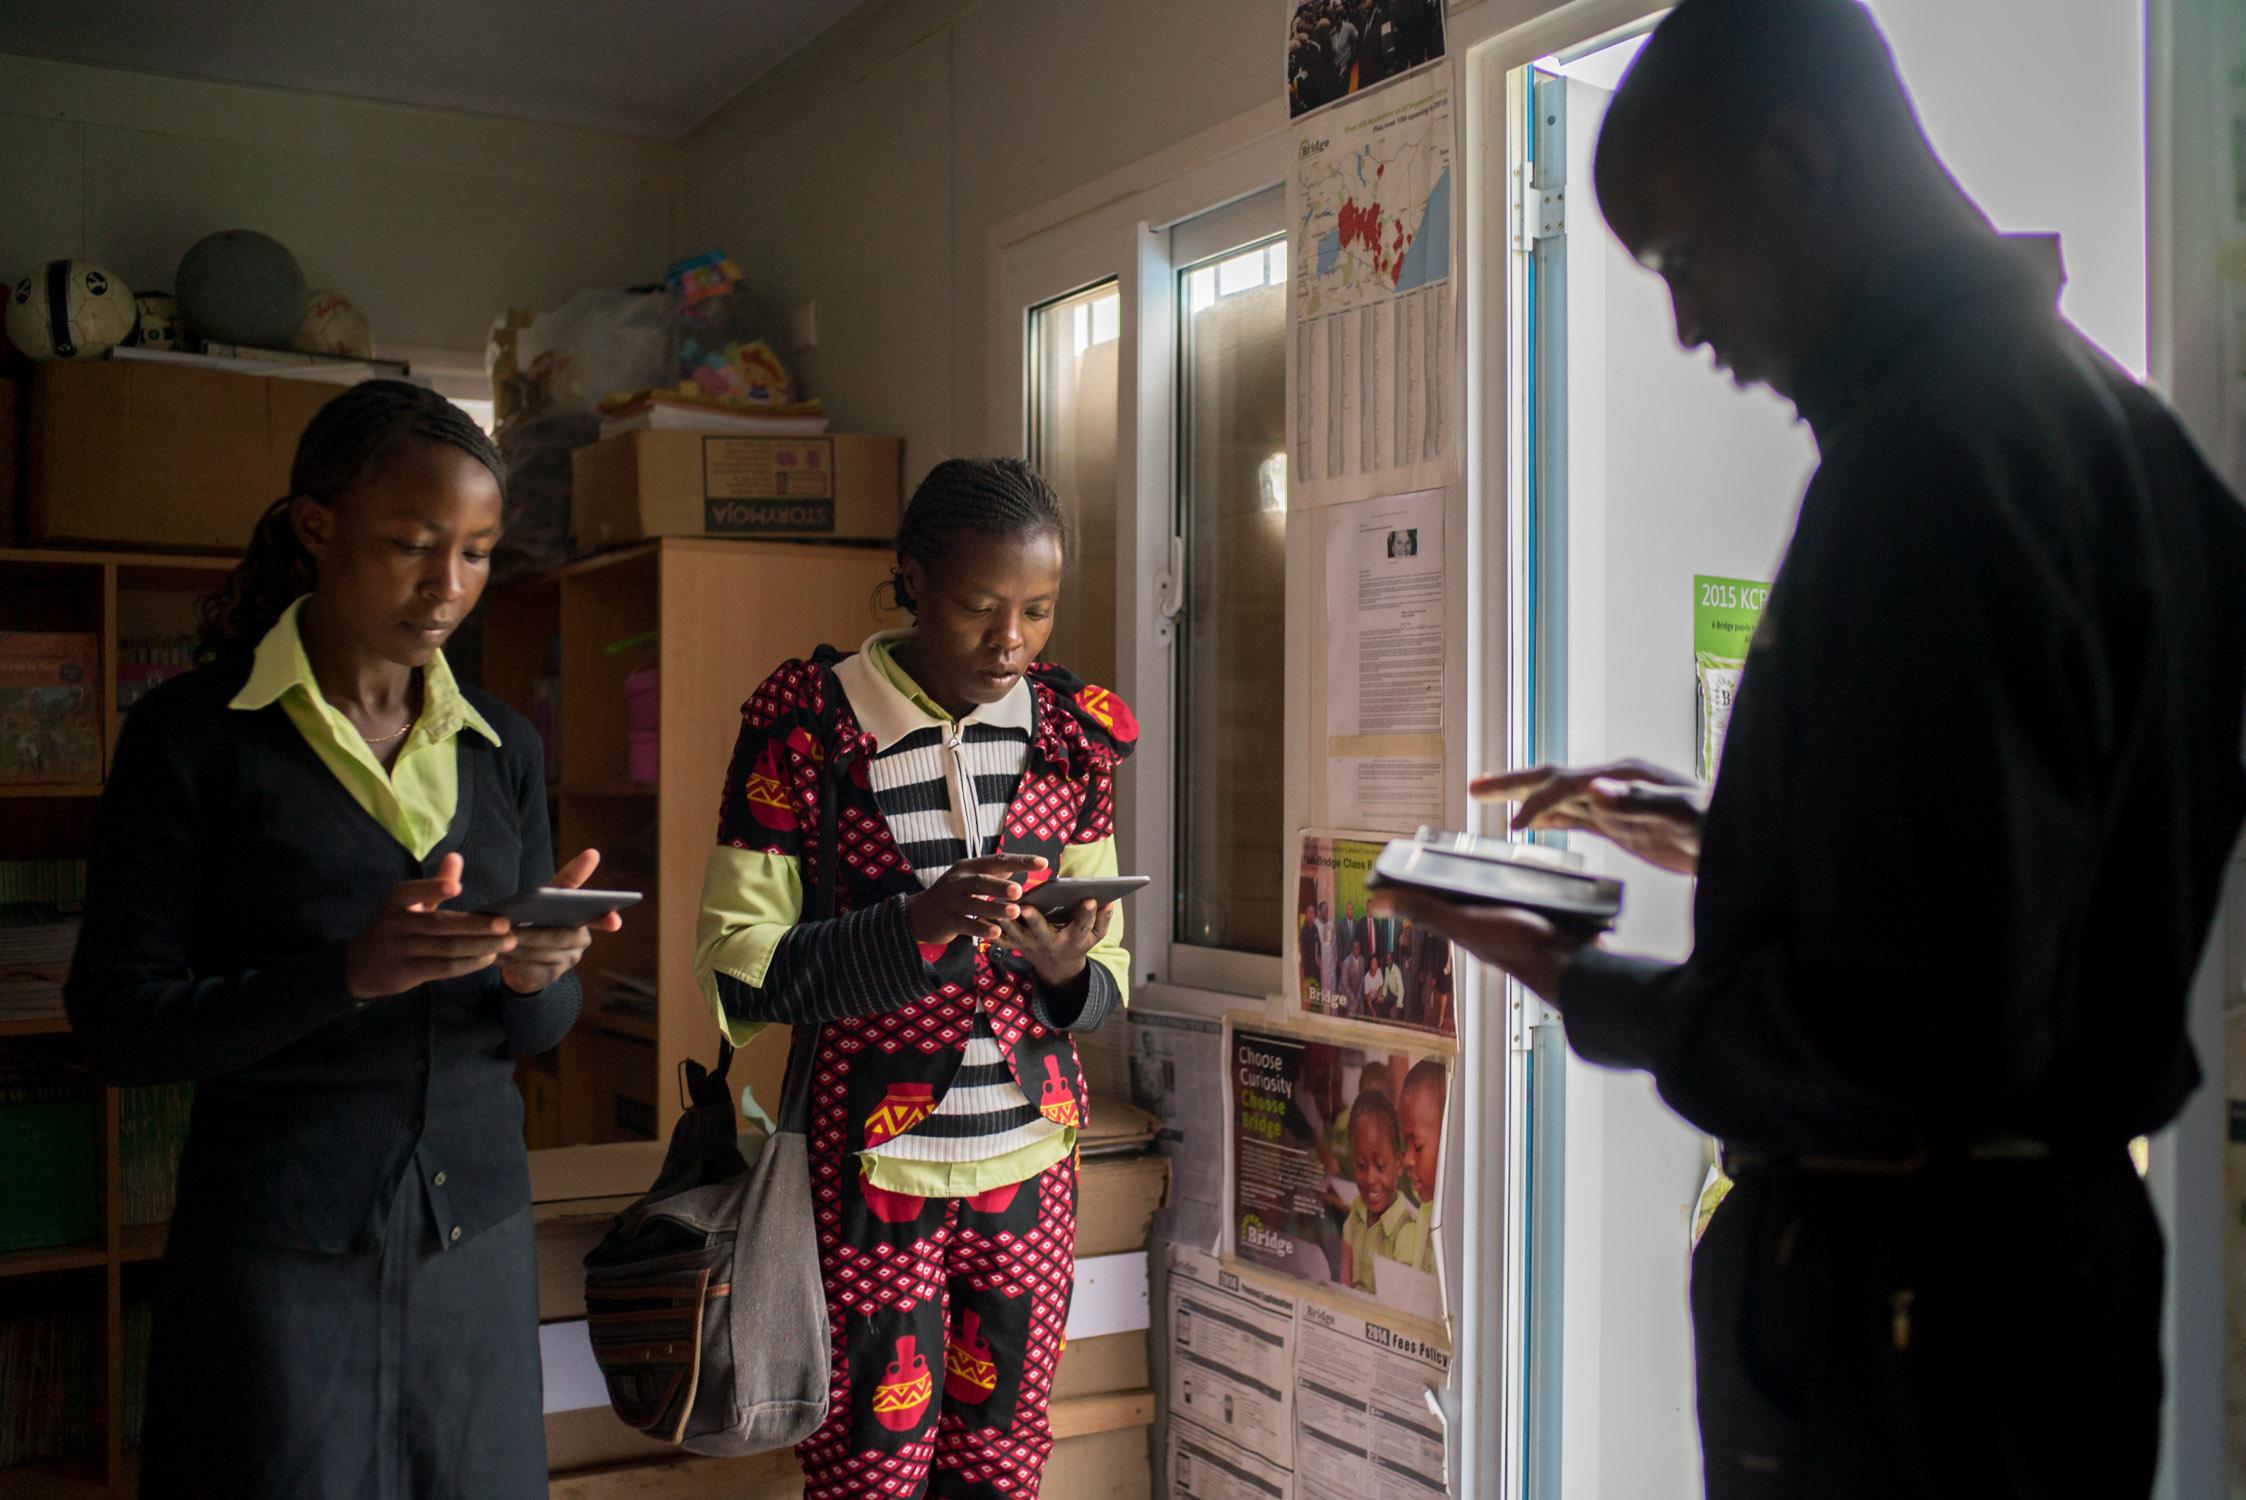 At the start of the schoolday, teachers receive their lesson plans for the day on their Nooks, at Kiserian Bridge school in Nairobi. September 20, 2016. Kiserian, Nairobi, Kenya.